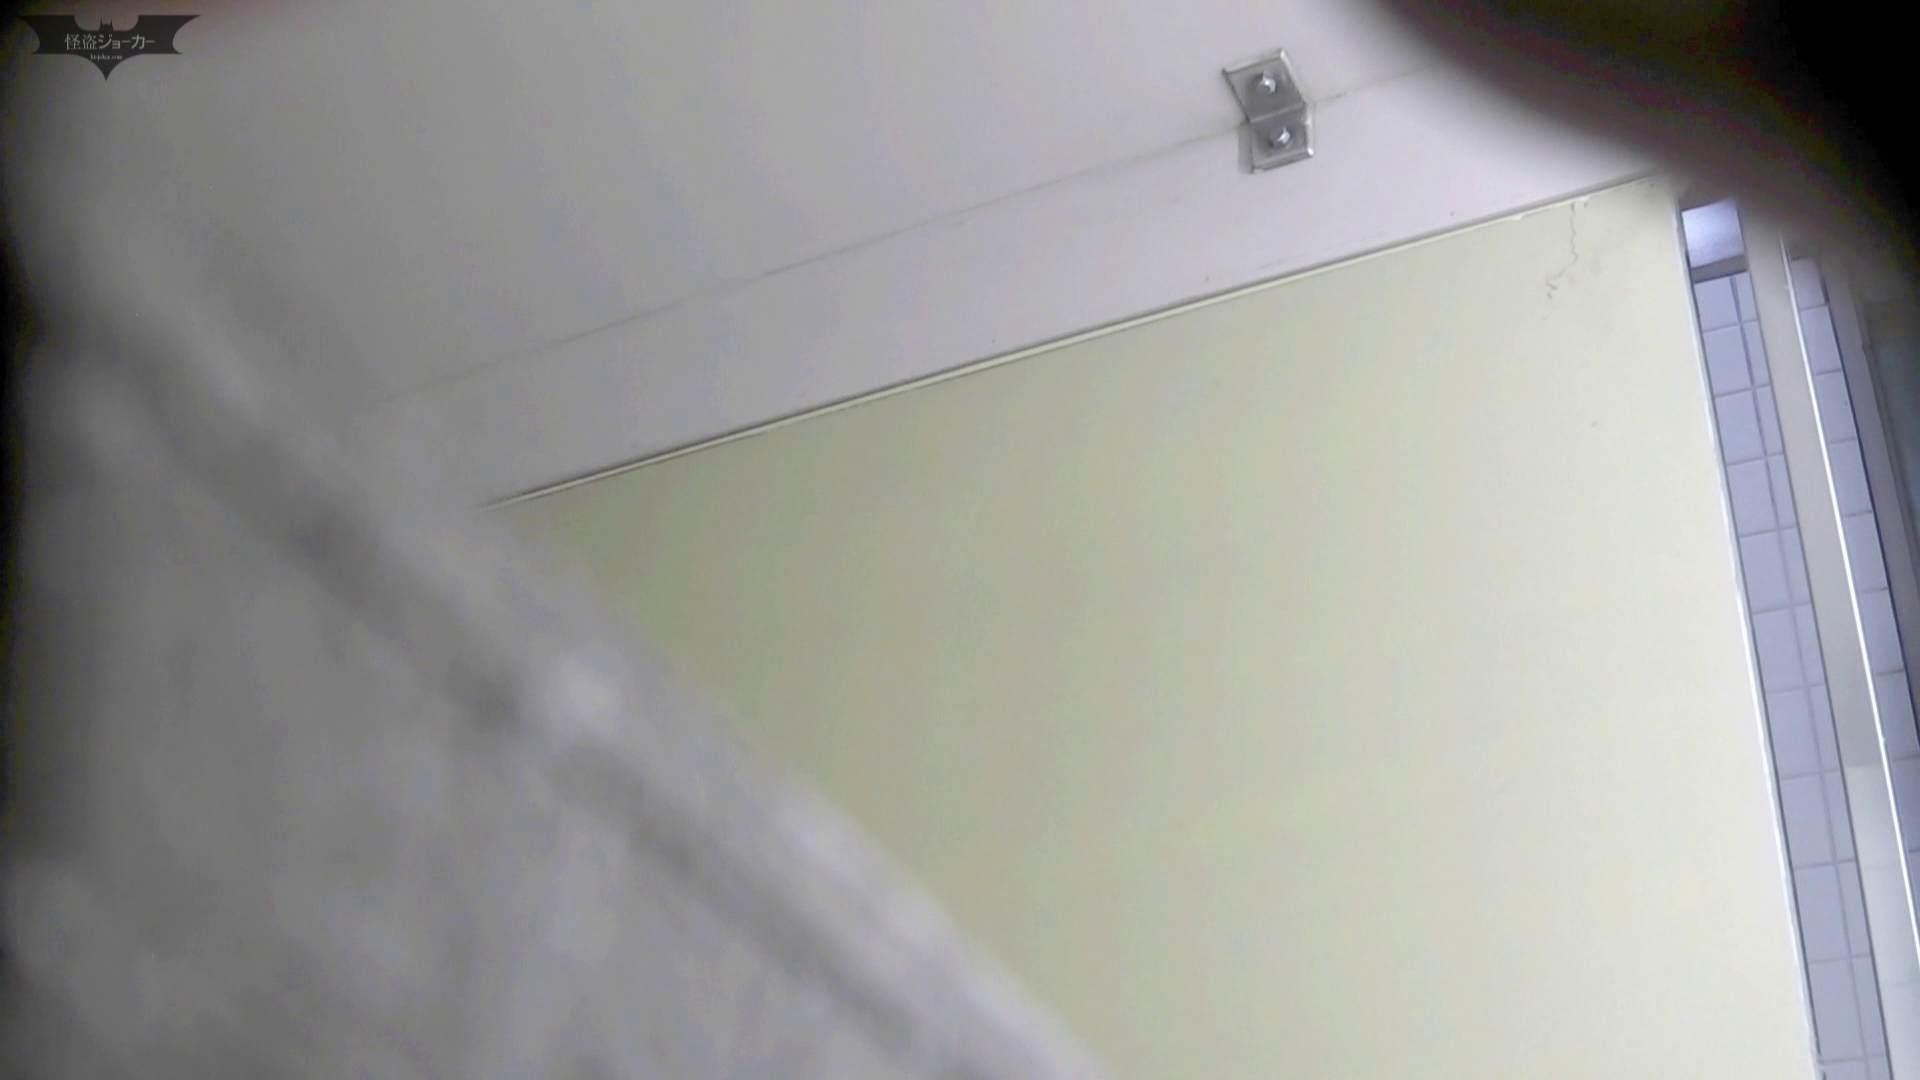 【潜入トイレ盗撮】洗面所特攻隊 vol.70 極上品の連続、歌いながら美女入室 盗撮エロすぎ | トイレ中  90連発 51